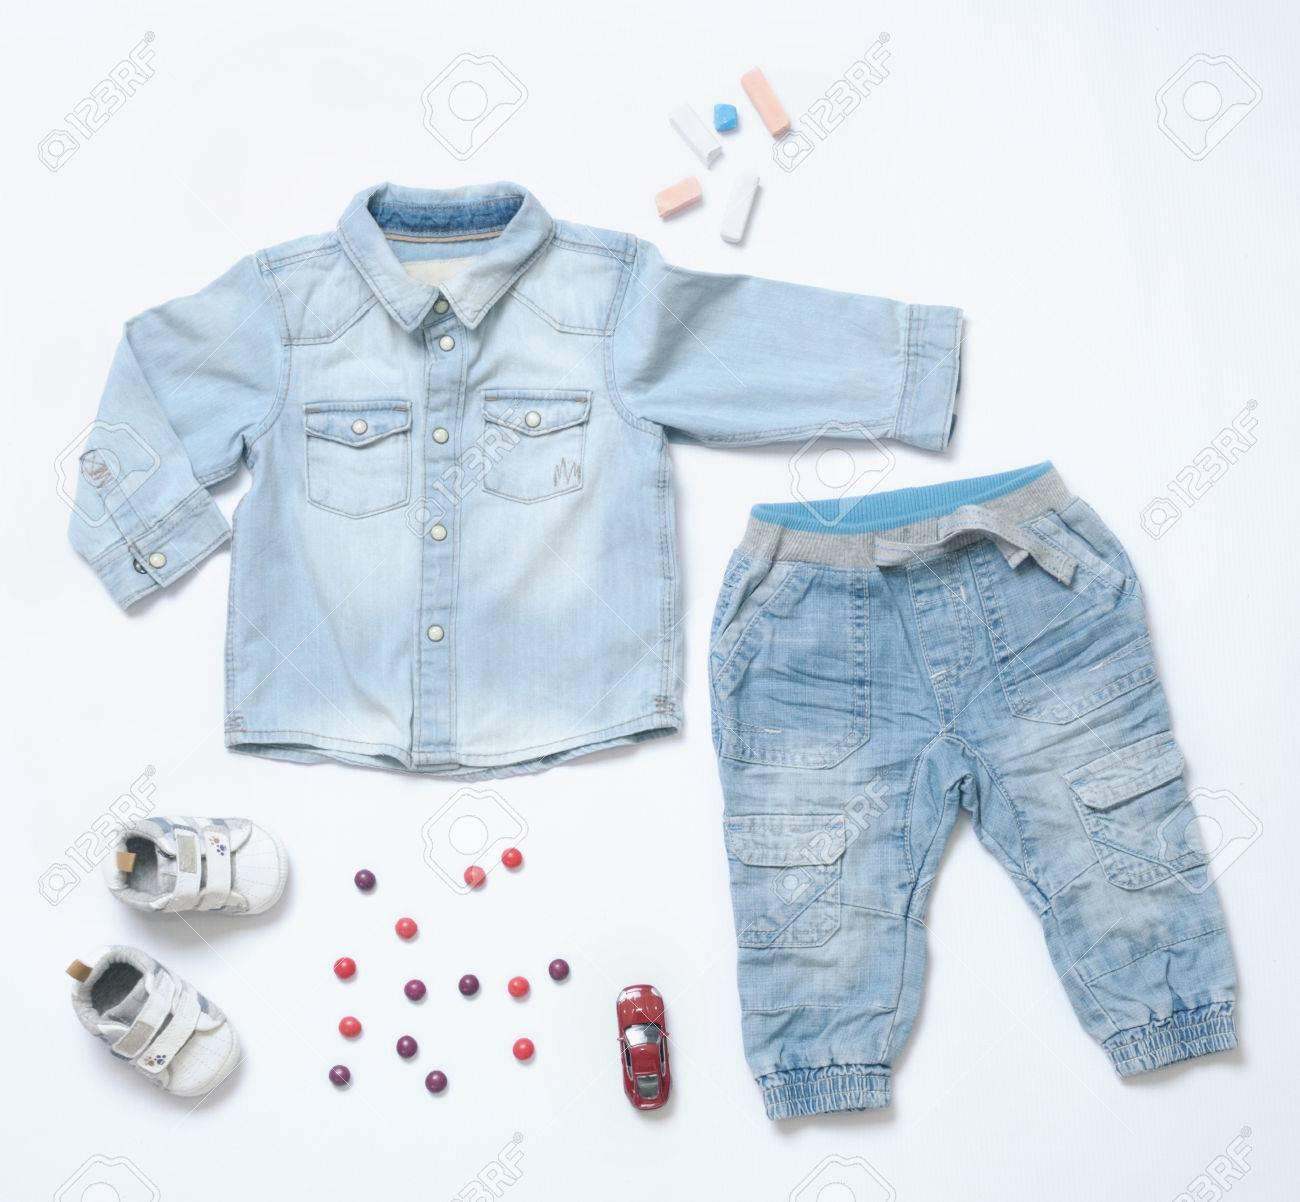 145cf6ae5 Foto de archivo - Vista superior de moda trendy vistazo de ropa de bebé y  otras cosas juguete